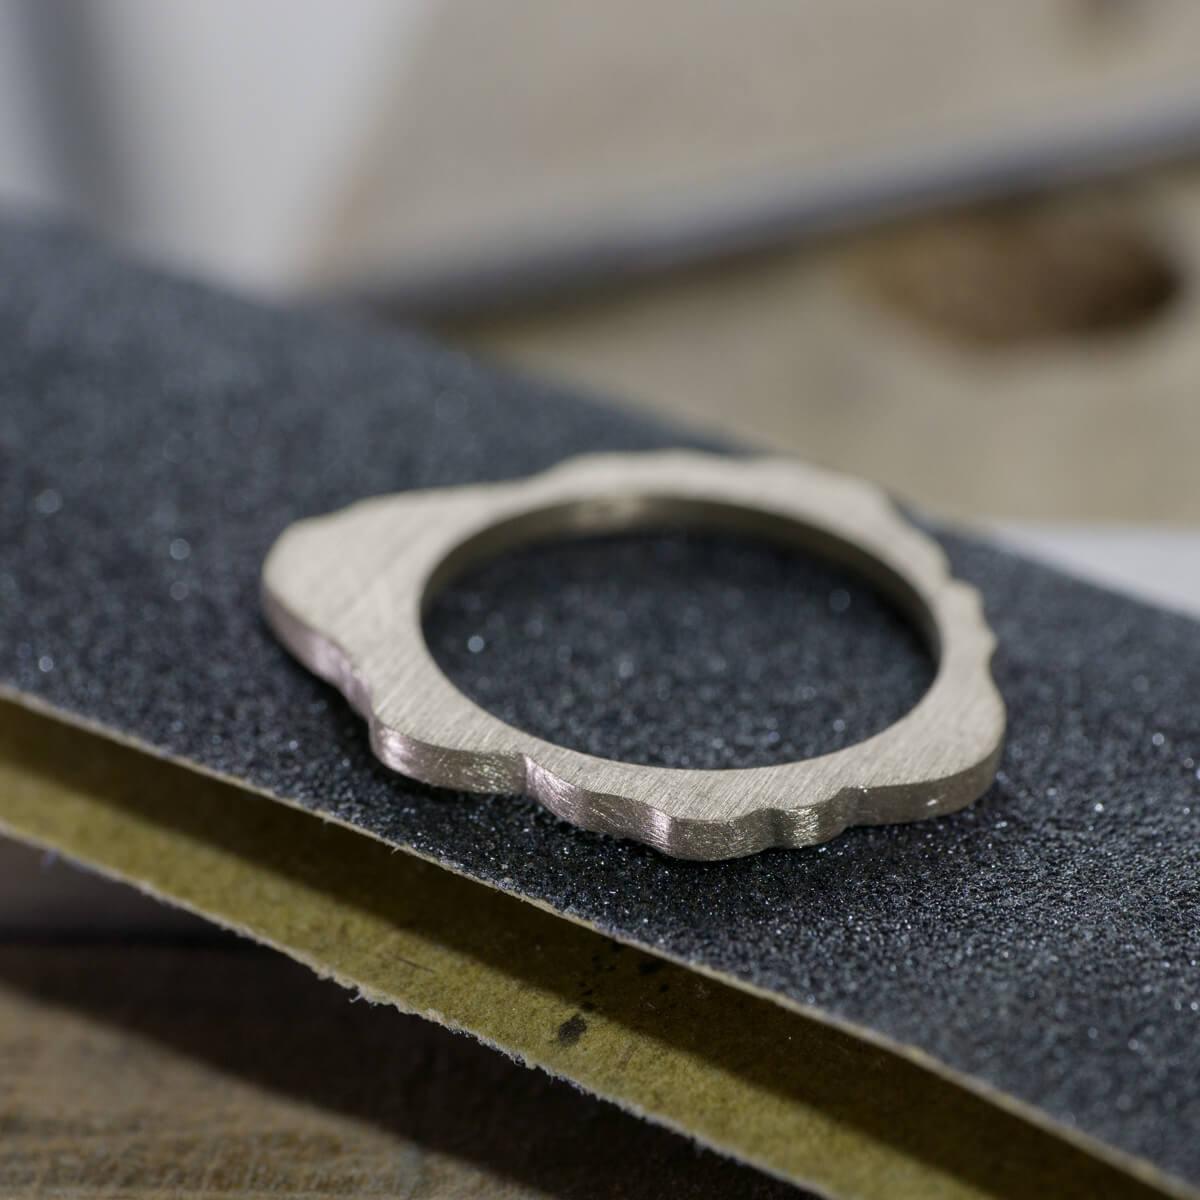 オーダーメイドエンゲージリングの制作風景 ジュエリーのアトリエ シャンパンゴールド 屋久島でつくる結婚指輪